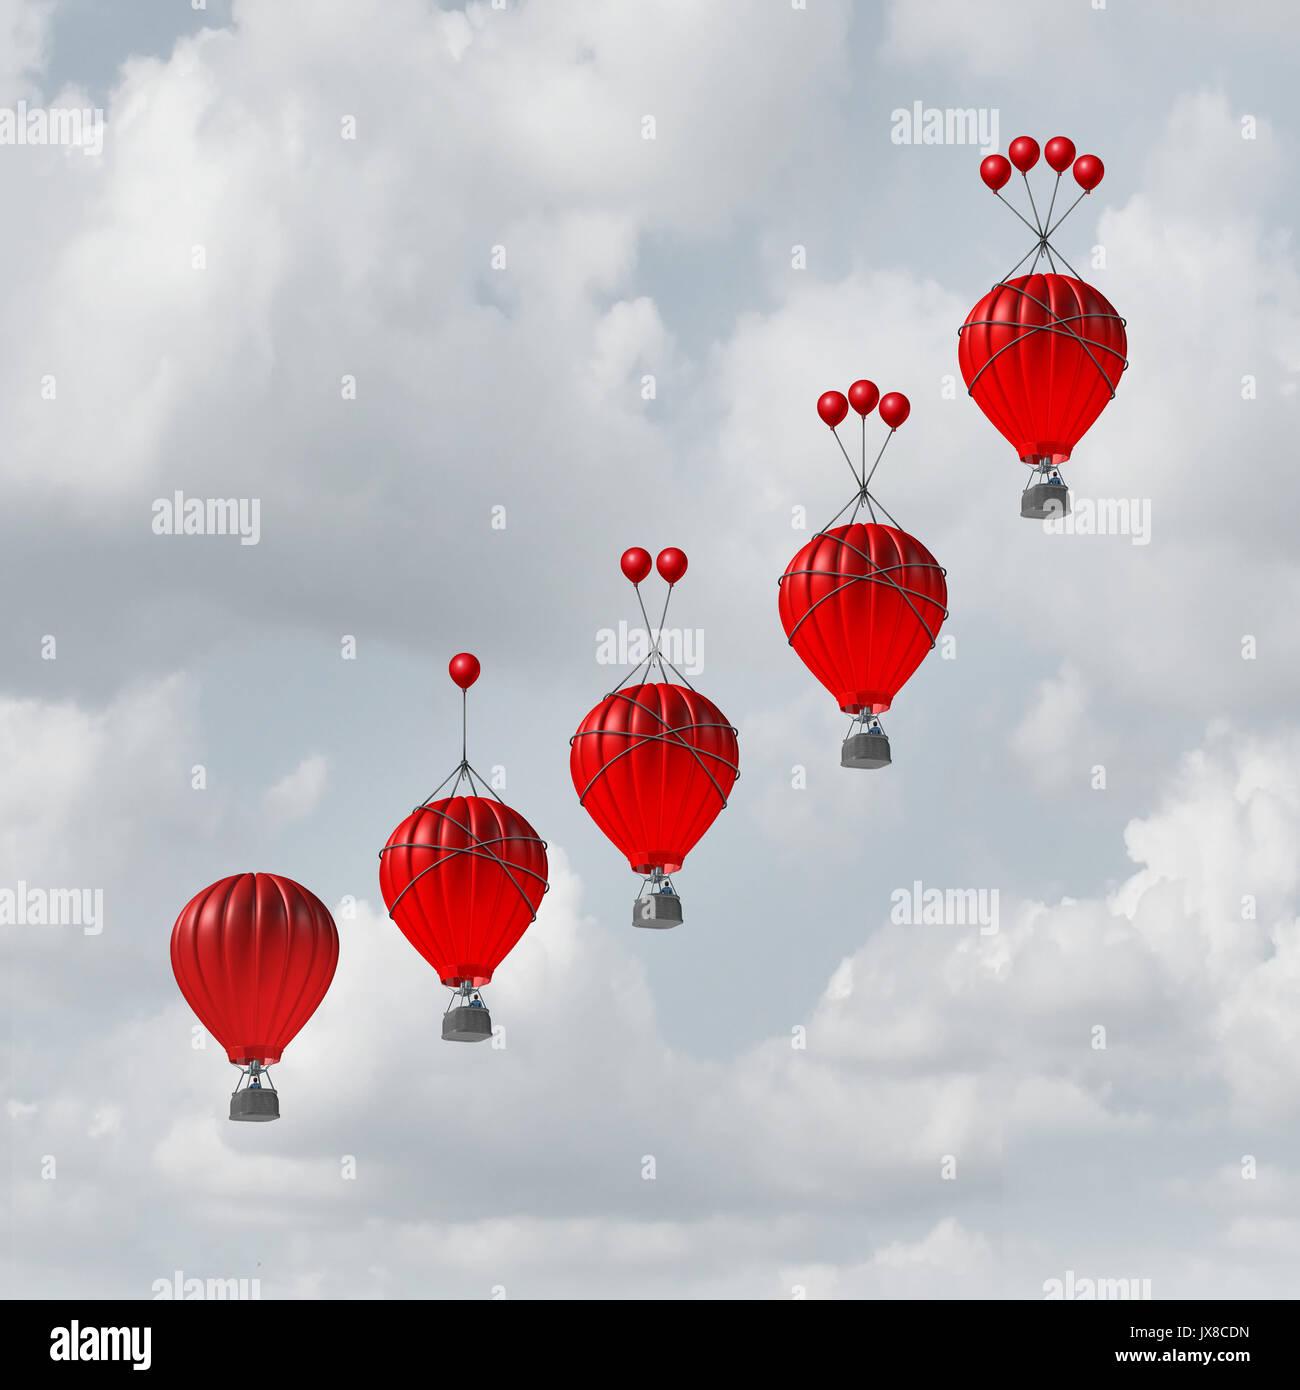 Accroître l'avantage concurrentiel comme concept un groupe de ballons à air chaud augmente avec l'augmentation du montant de l'aide à battre la concurrence. Photo Stock